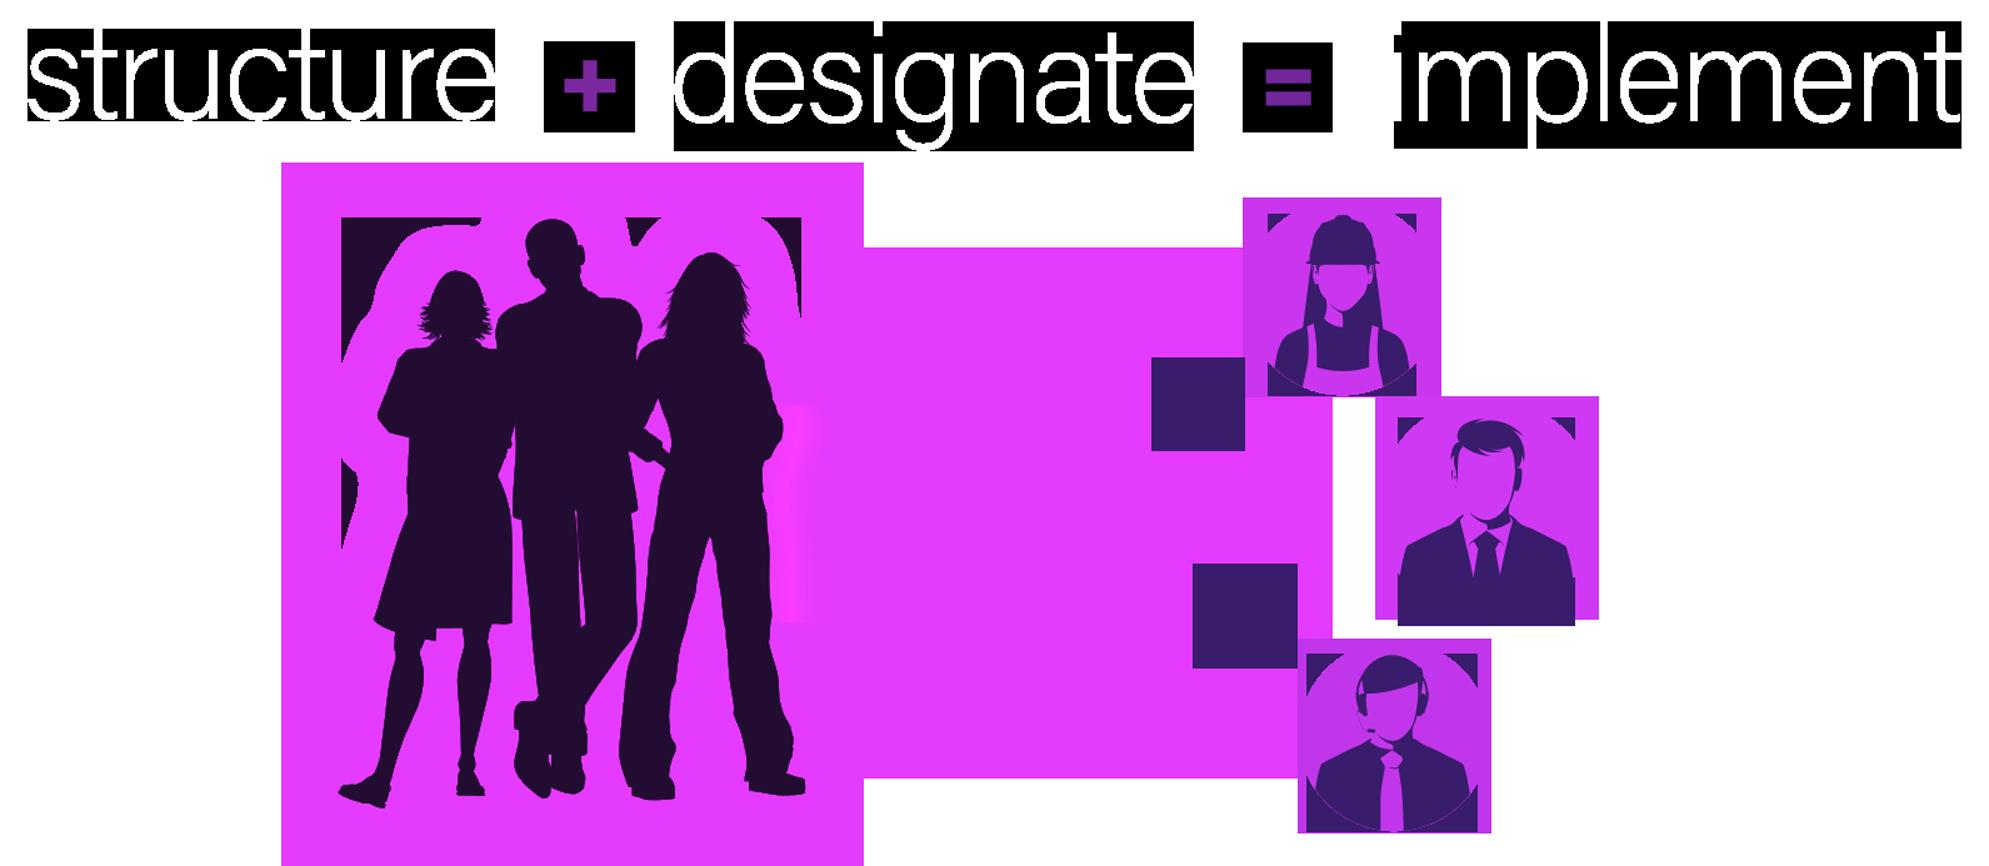 structure designate implement